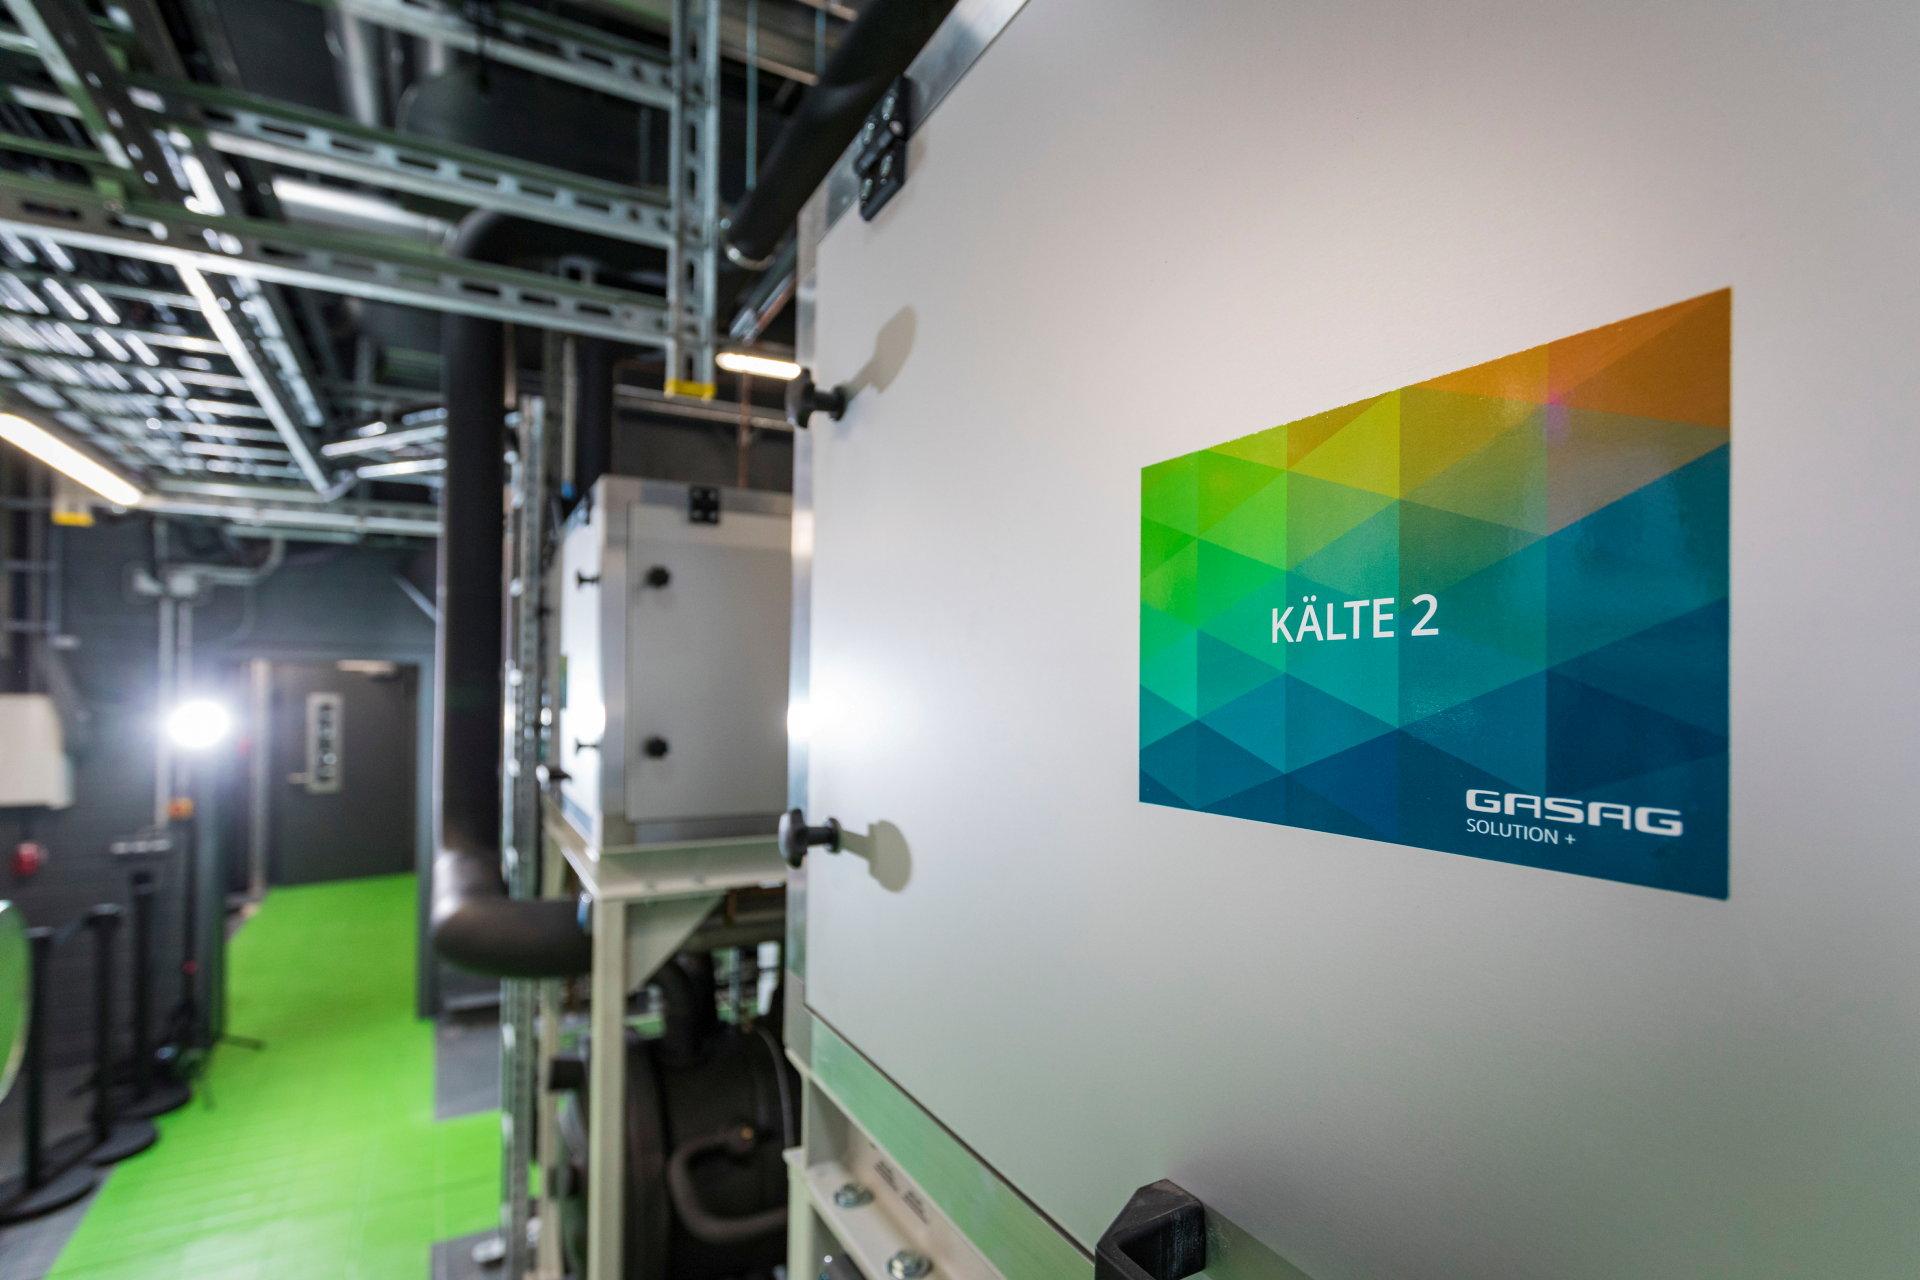 Schild mit Beschriftung Kälte 2 auf einem grauen, großen Schrank in Maschinenhalle